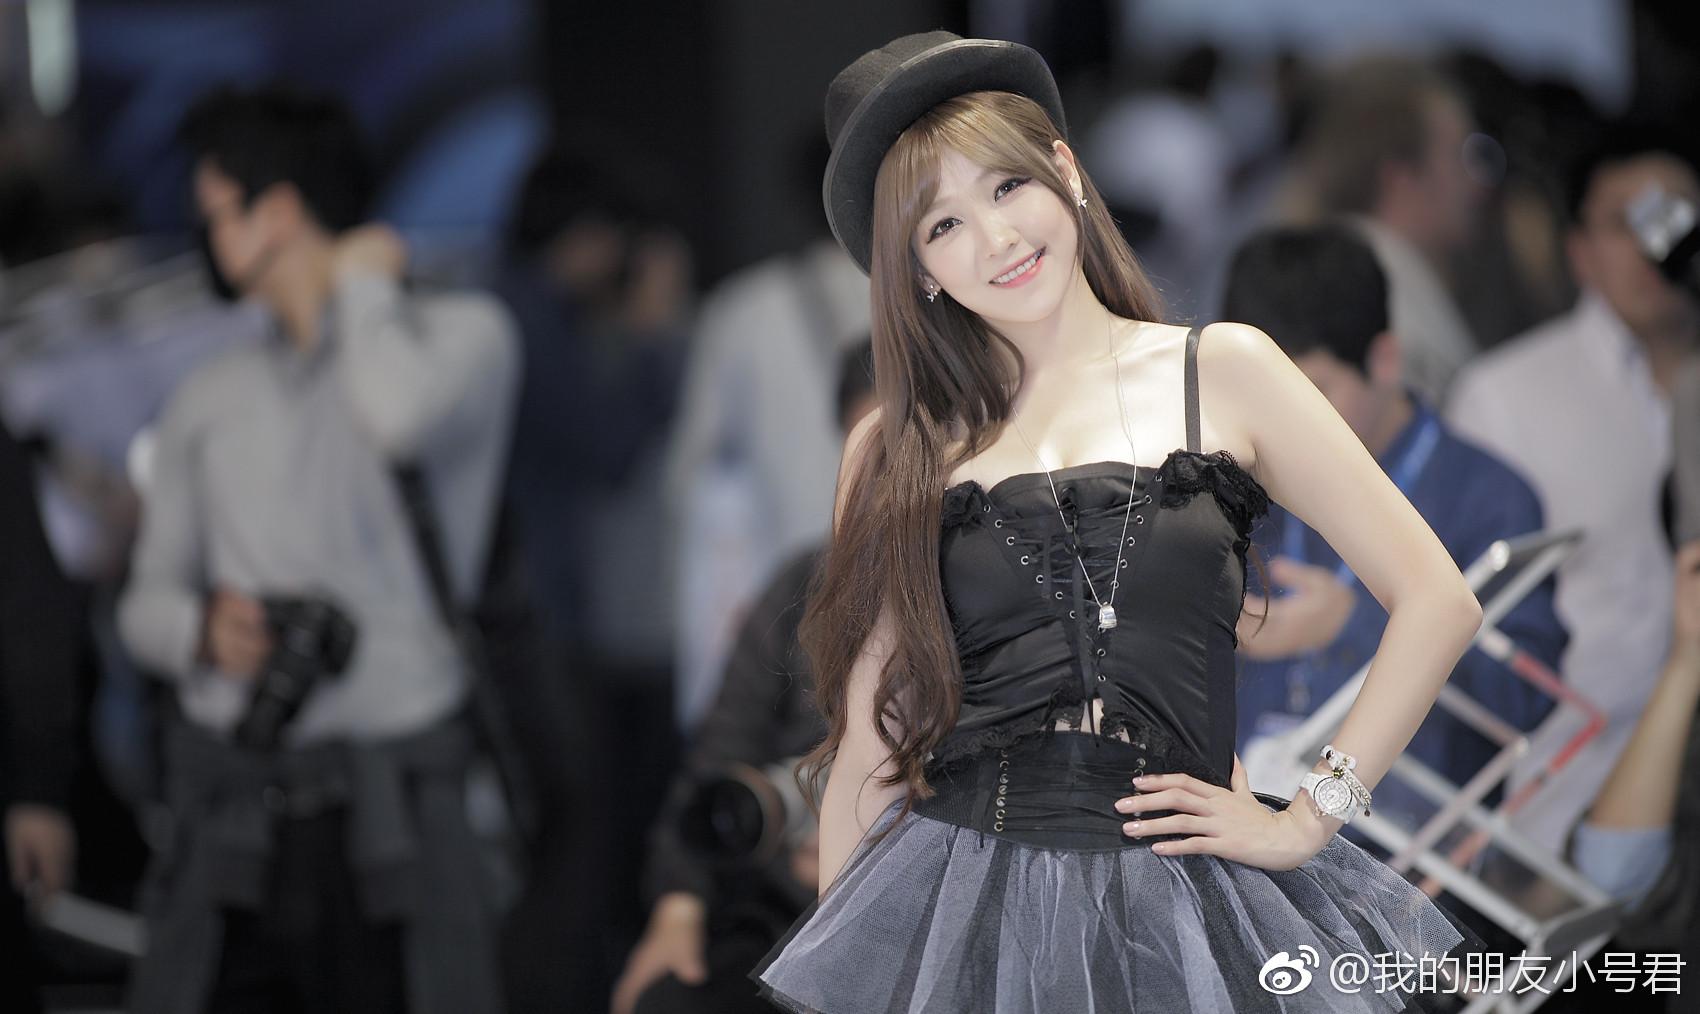 韩国妹子Lee Eun Hye ,大概,这就是心动的感觉吧(9P)